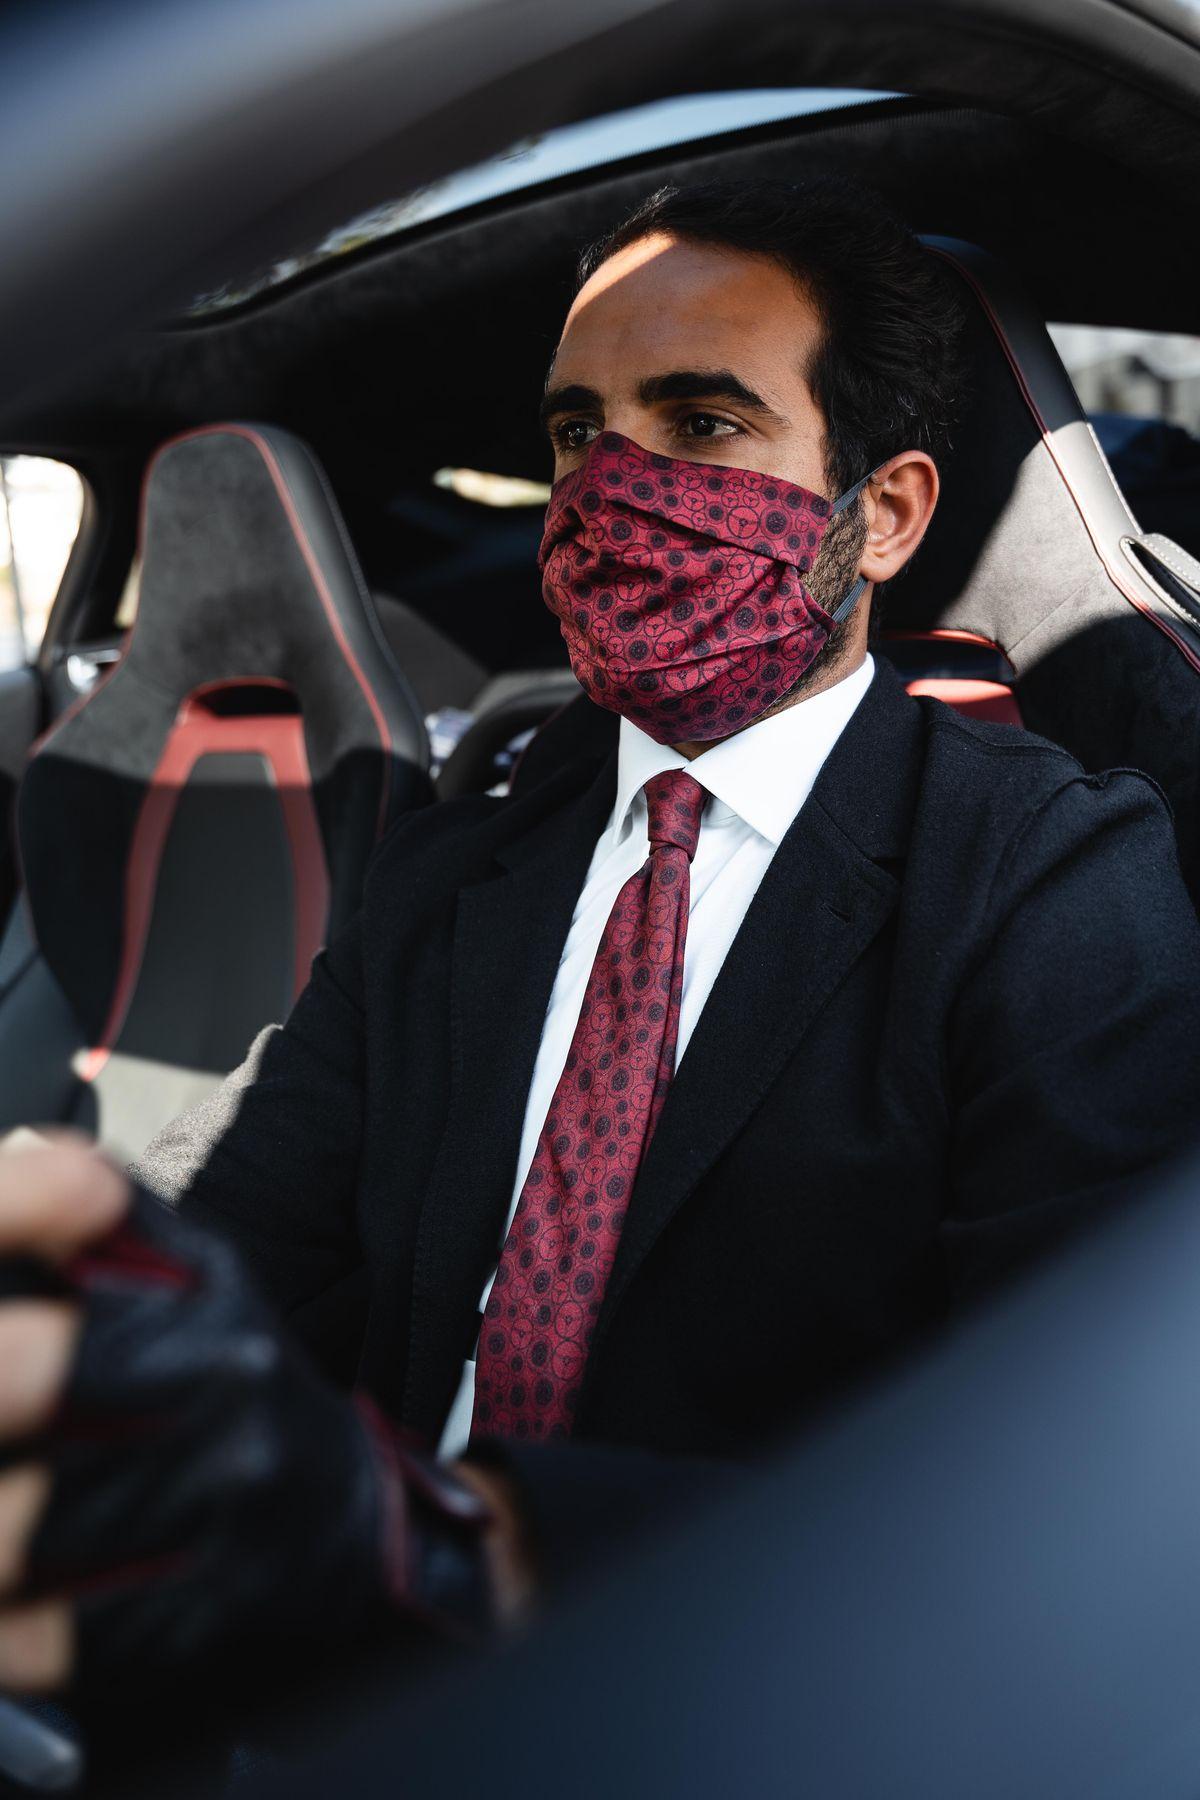 Mund-Nasen-Schutz von The Outlierman